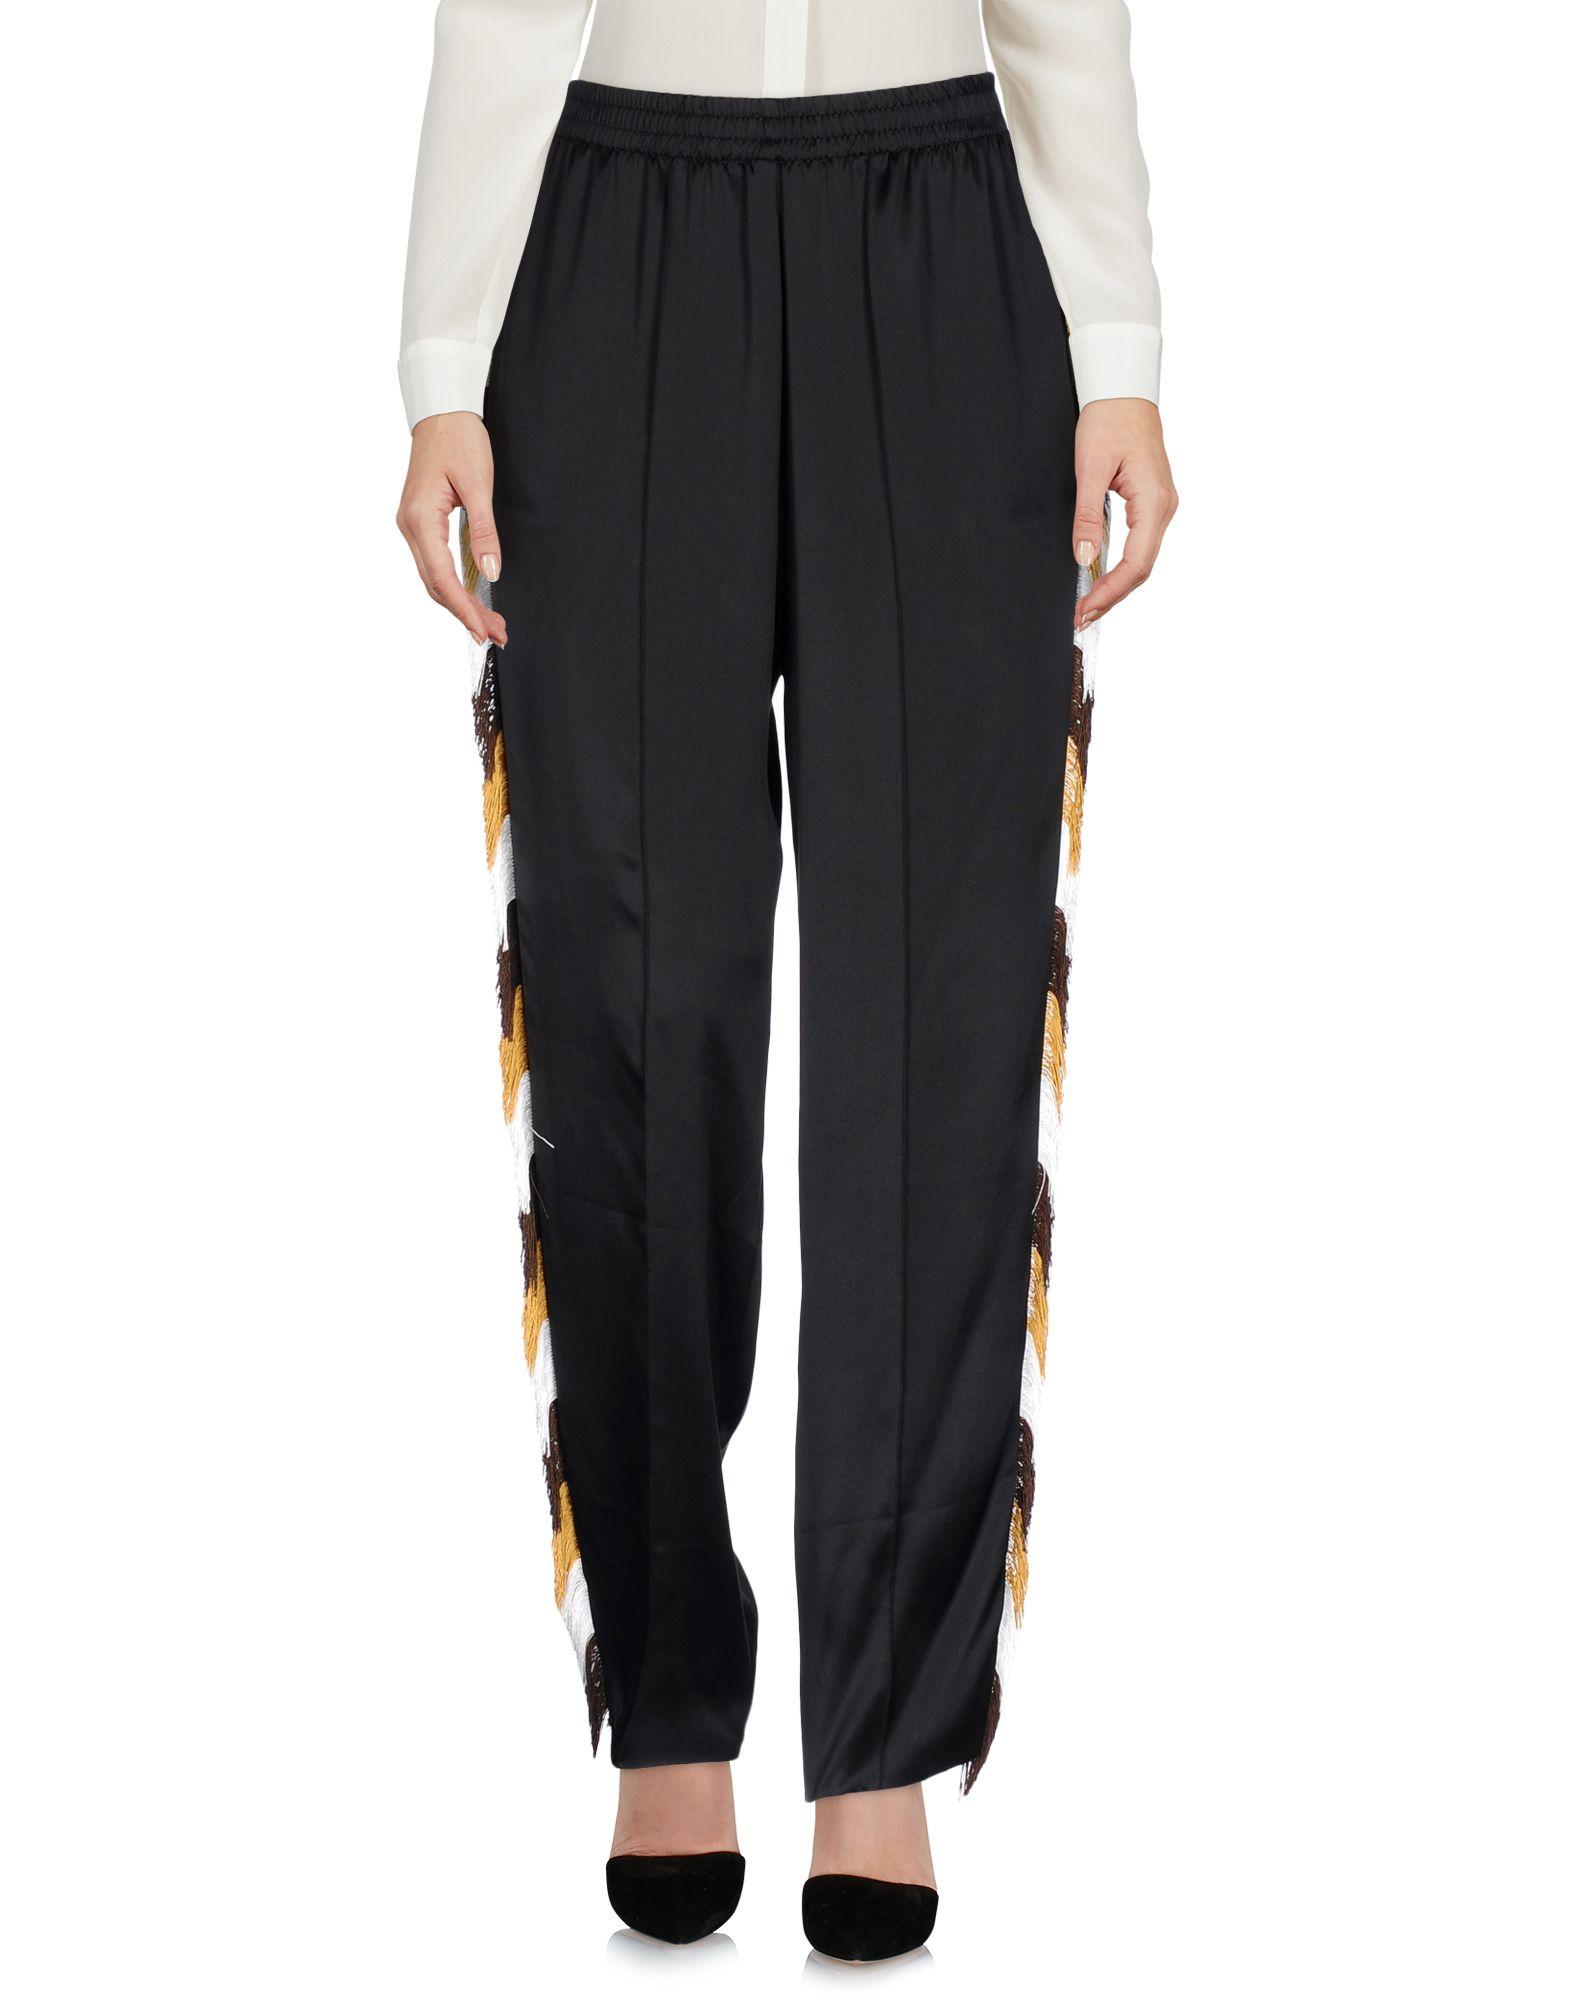 цены на ARIES Повседневные брюки в интернет-магазинах